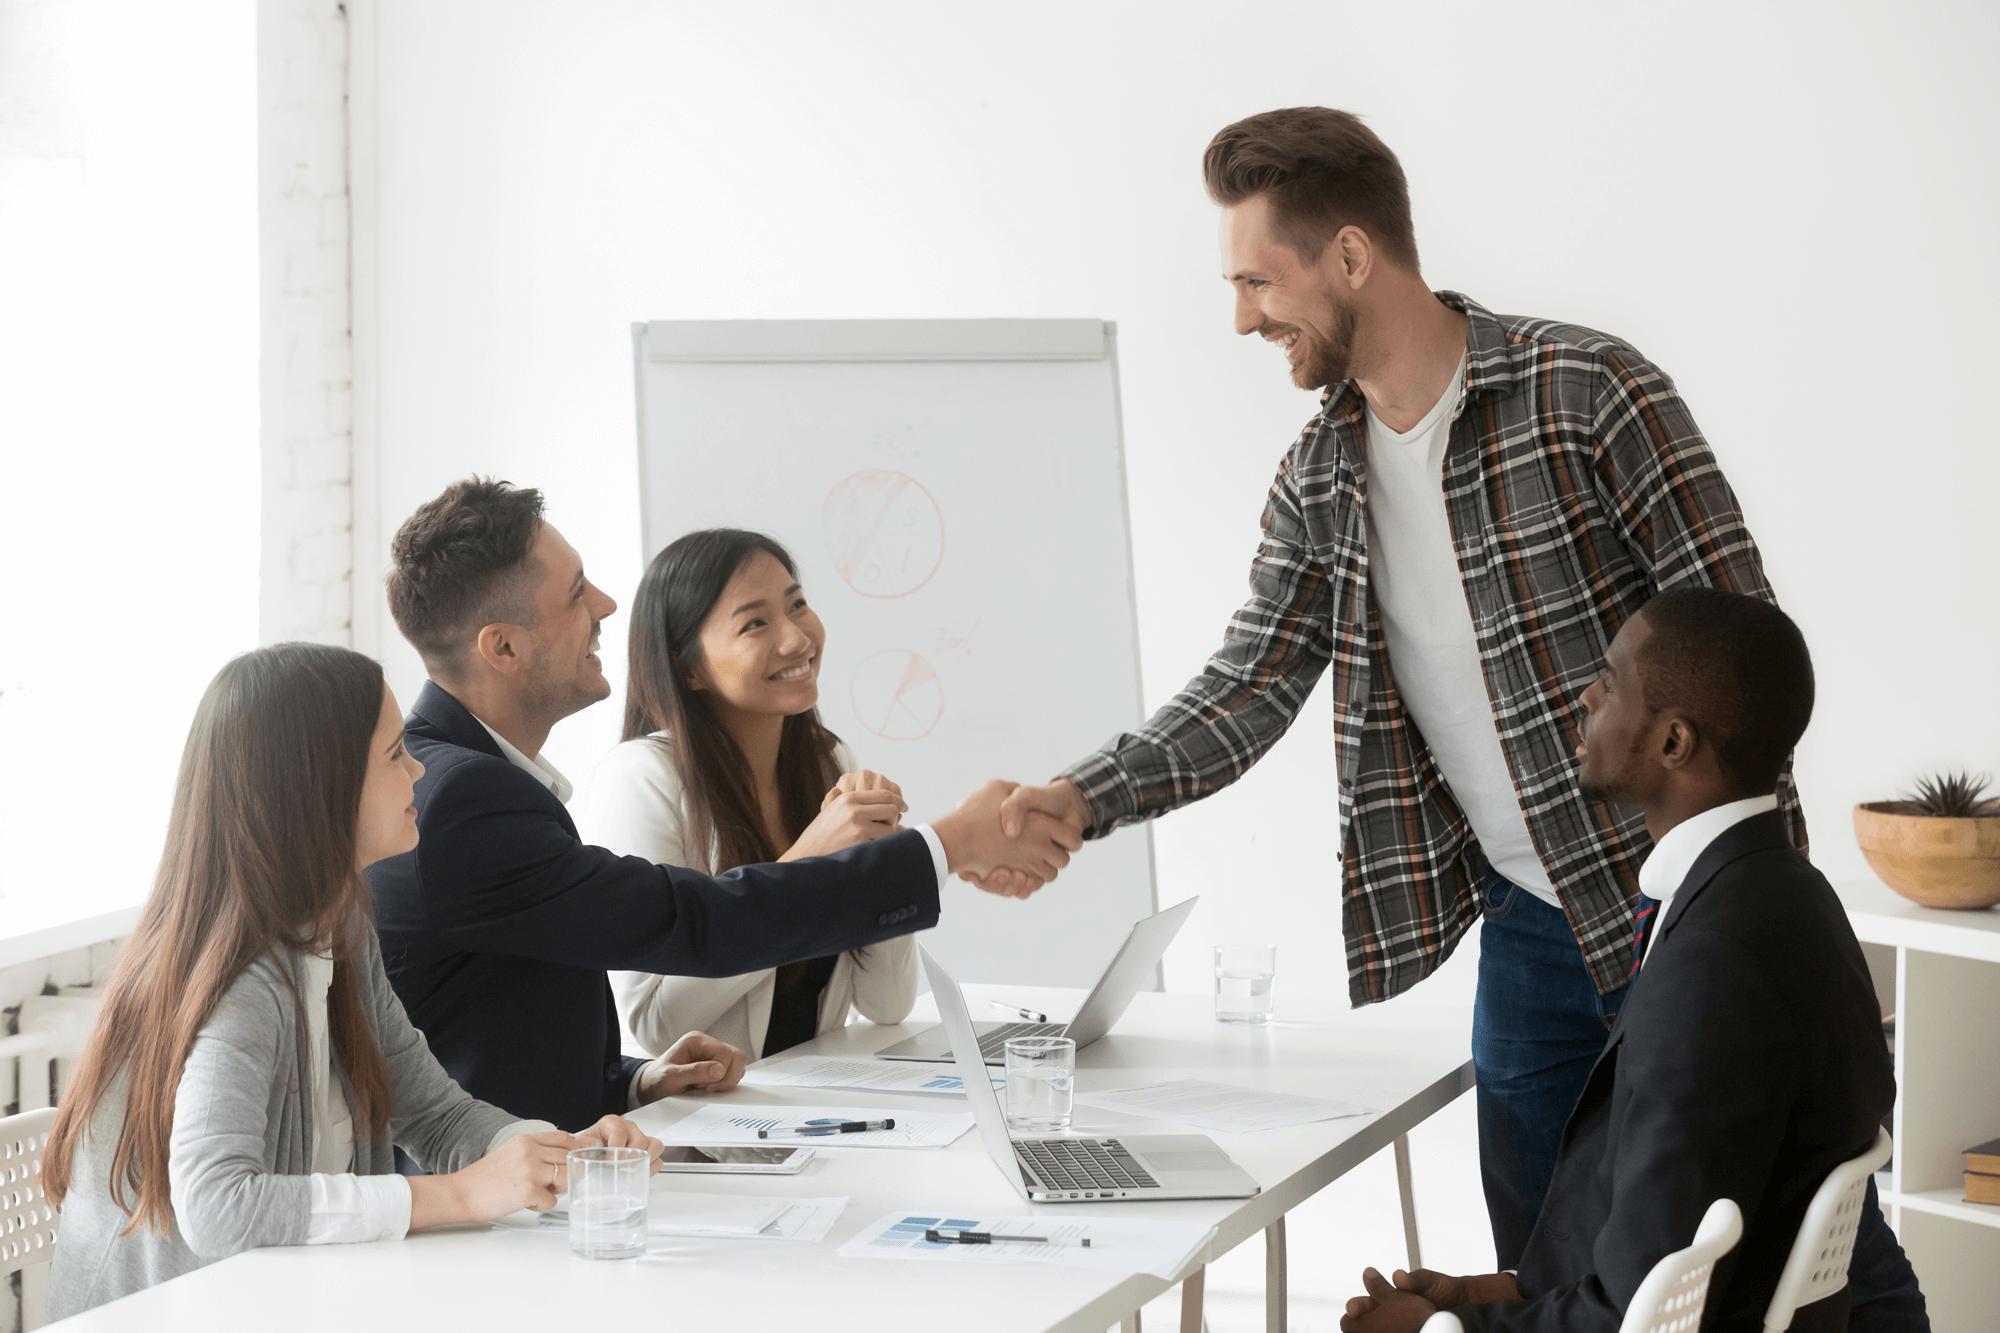 Klantwaarde verhogen | 5 oplossingen | Hoe stuur je klantwaarde?